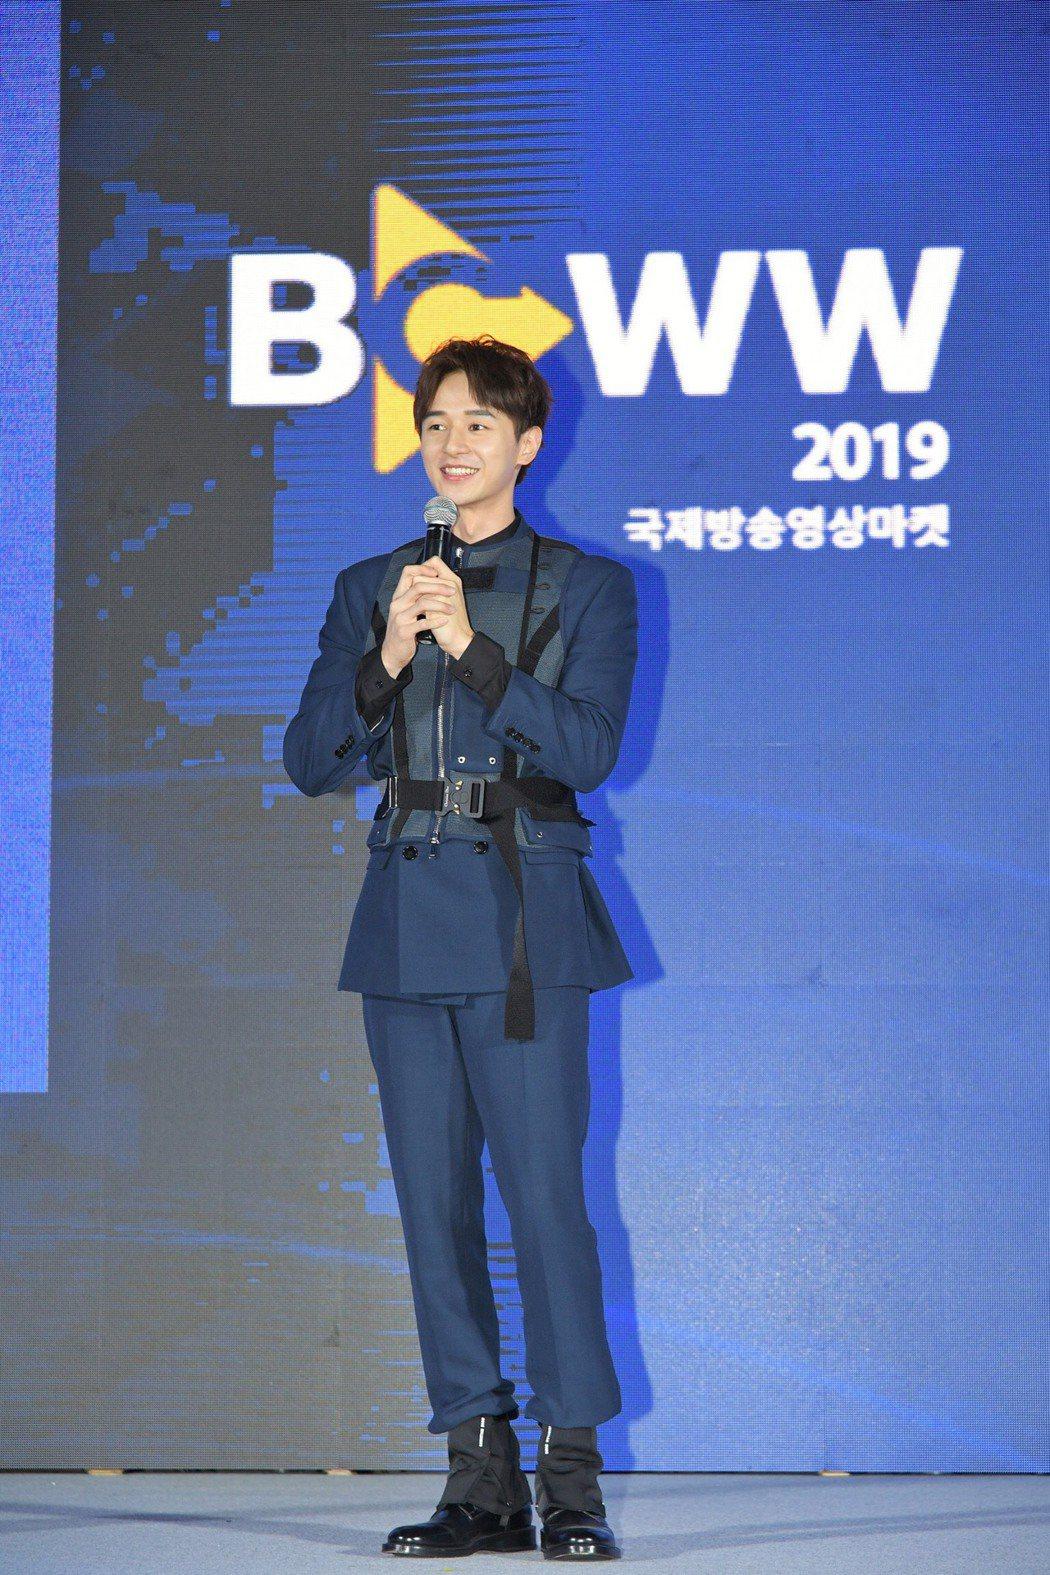 張軒睿出席韓國首爾綜合貿易中心(COEX)舉辦的「韓國國際廣播電視節目交易展」,...